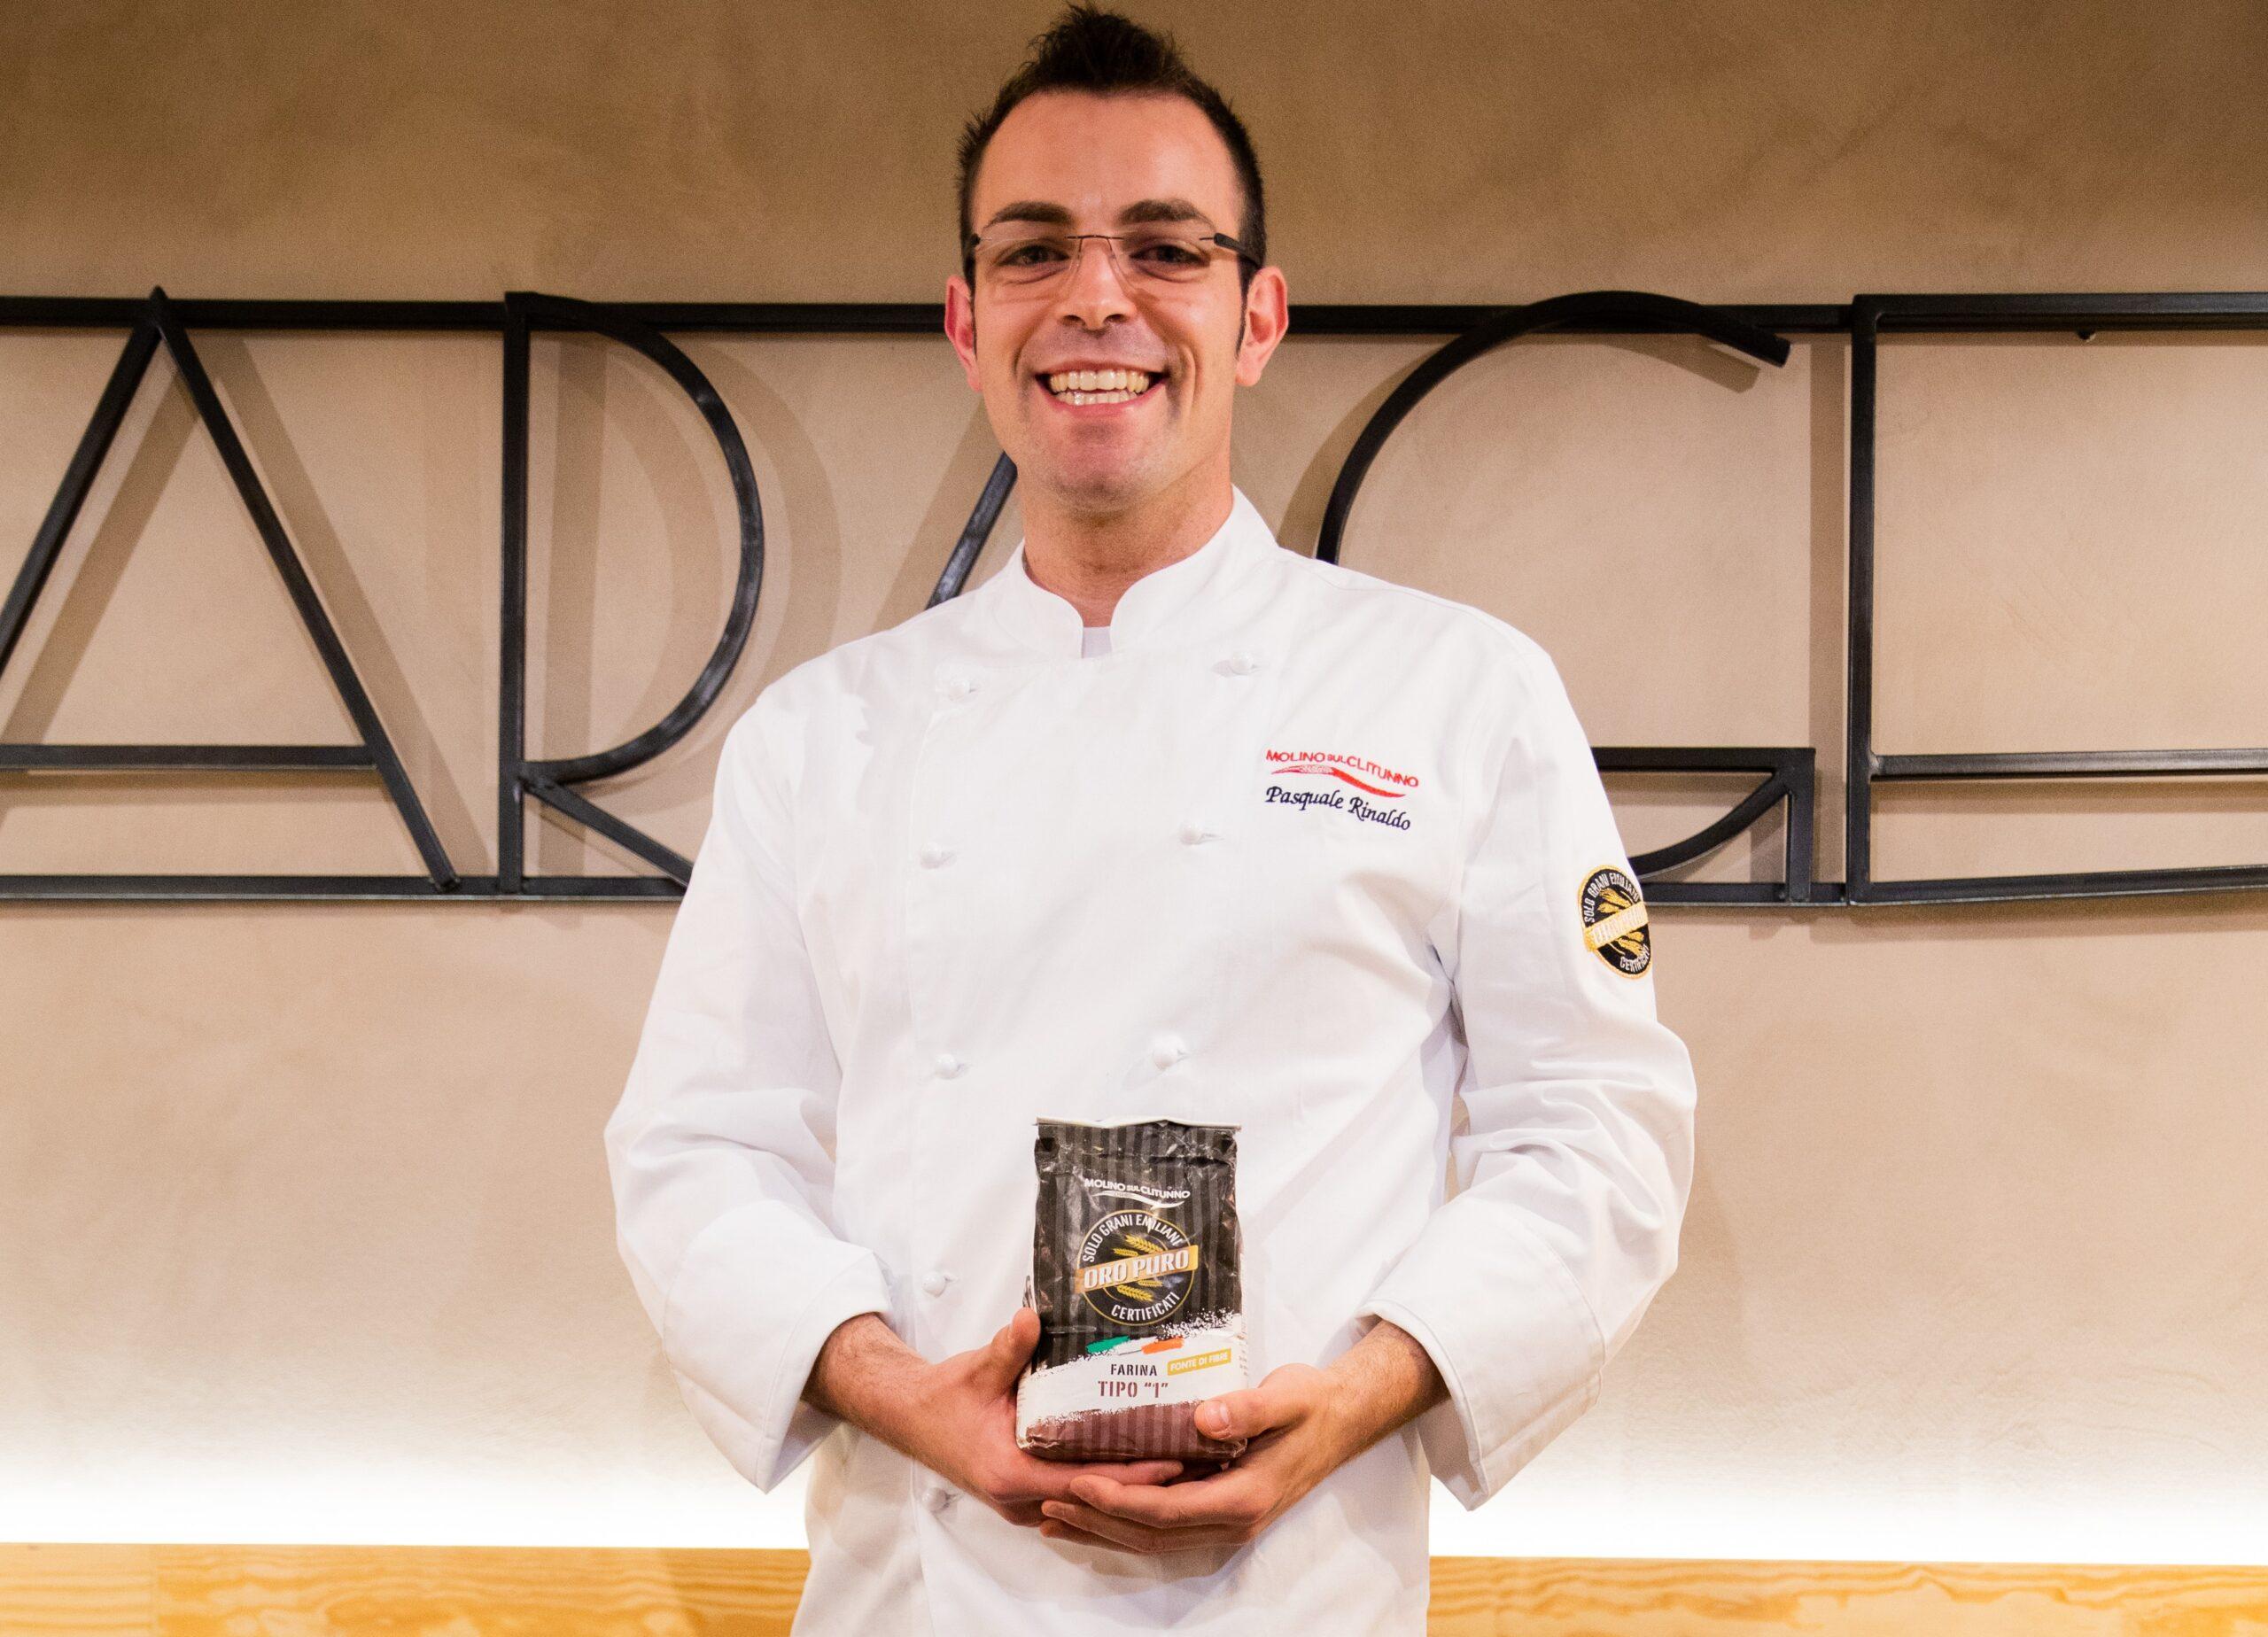 Anche lo chef Pasquale Rinaldo tra i brand ambassador delle farine d'eccellenza firmate Molino sul Clitunno